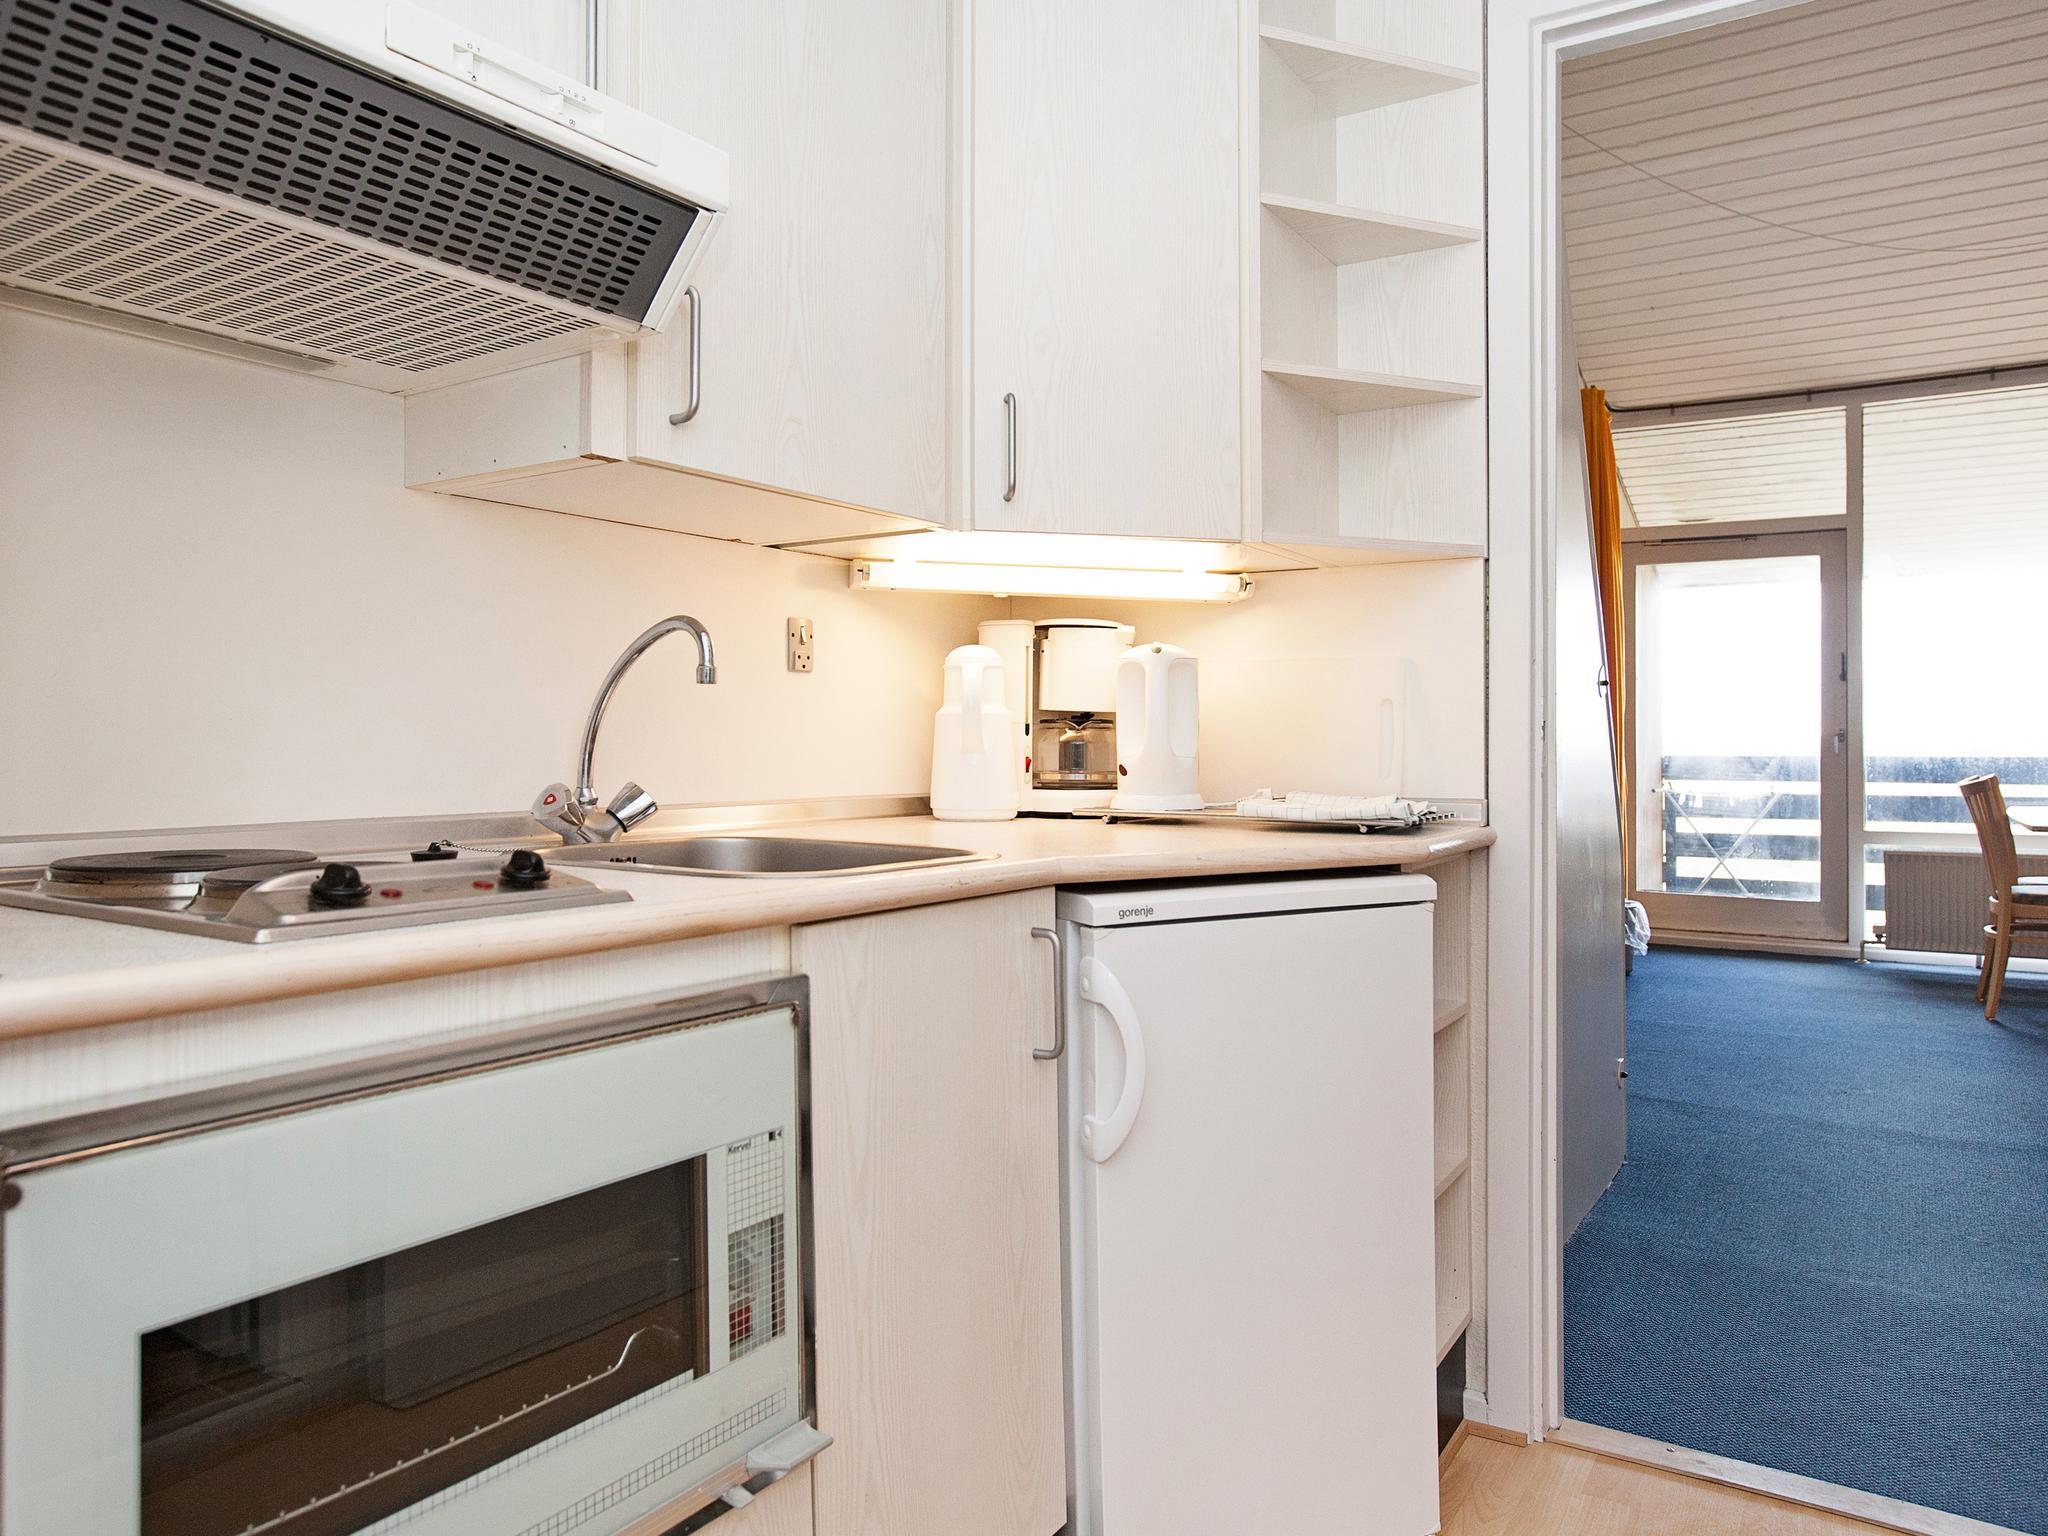 Ferienwohnung Hirtshals - Typ 1 - 2 Zimmer m/Meerblick (382686), Hirtshals, , Nordwestjütland, Dänemark, Bild 19